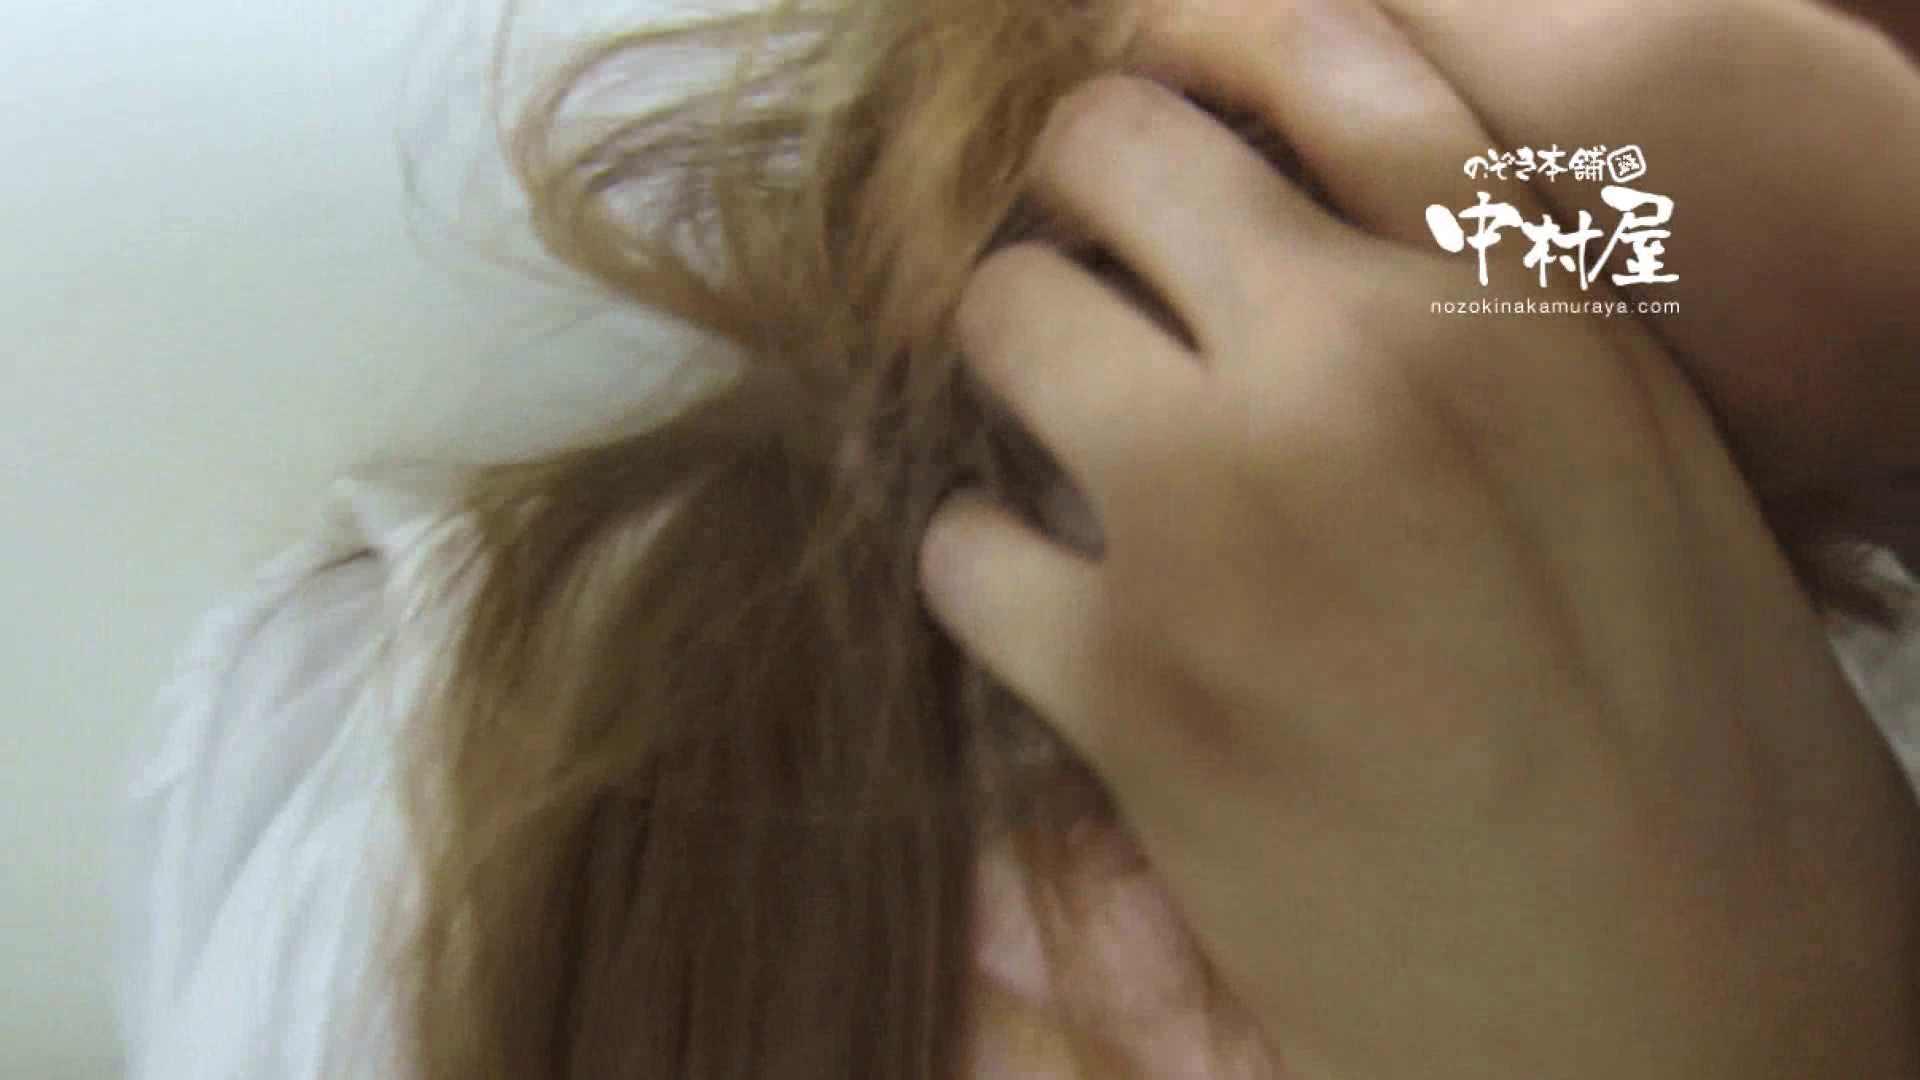 鬼畜 vol.18 居酒屋バイト時代の同僚に中出ししてみる 前編 鬼畜 おまんこ動画流出 100pic 50